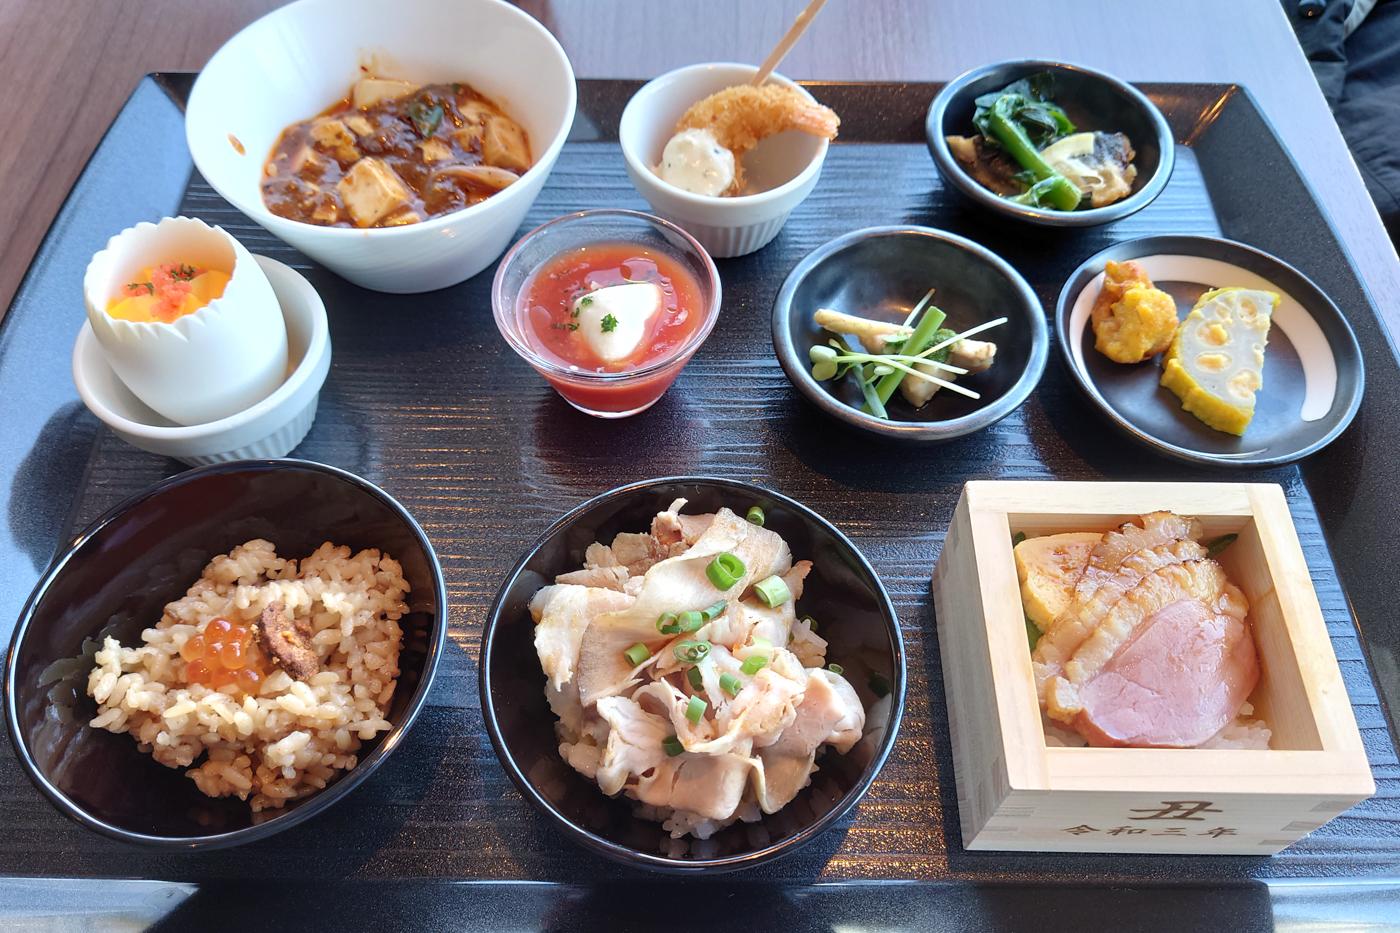 リラッサ「全国ご当地グルメフェア ~ふるさと祭り東京presents~」でご当地どんぶりを食べてきたっ!